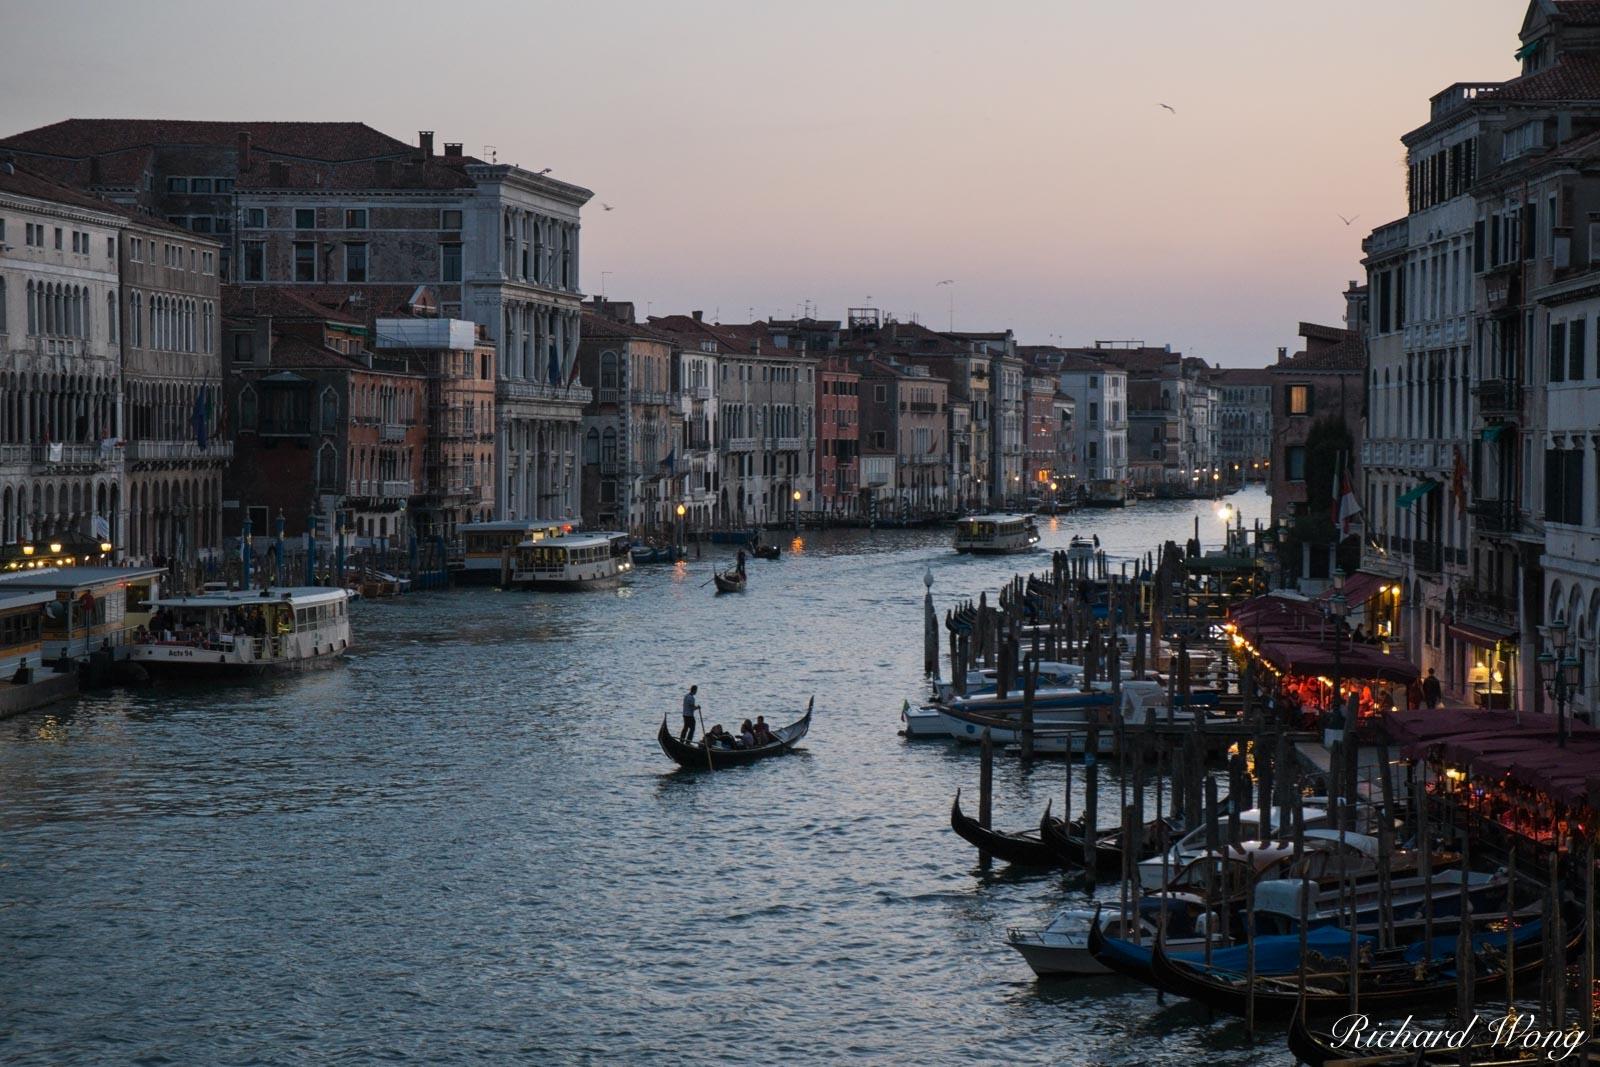 Rialto Bridge View at Dusk, Venice, Italy, photo, photo